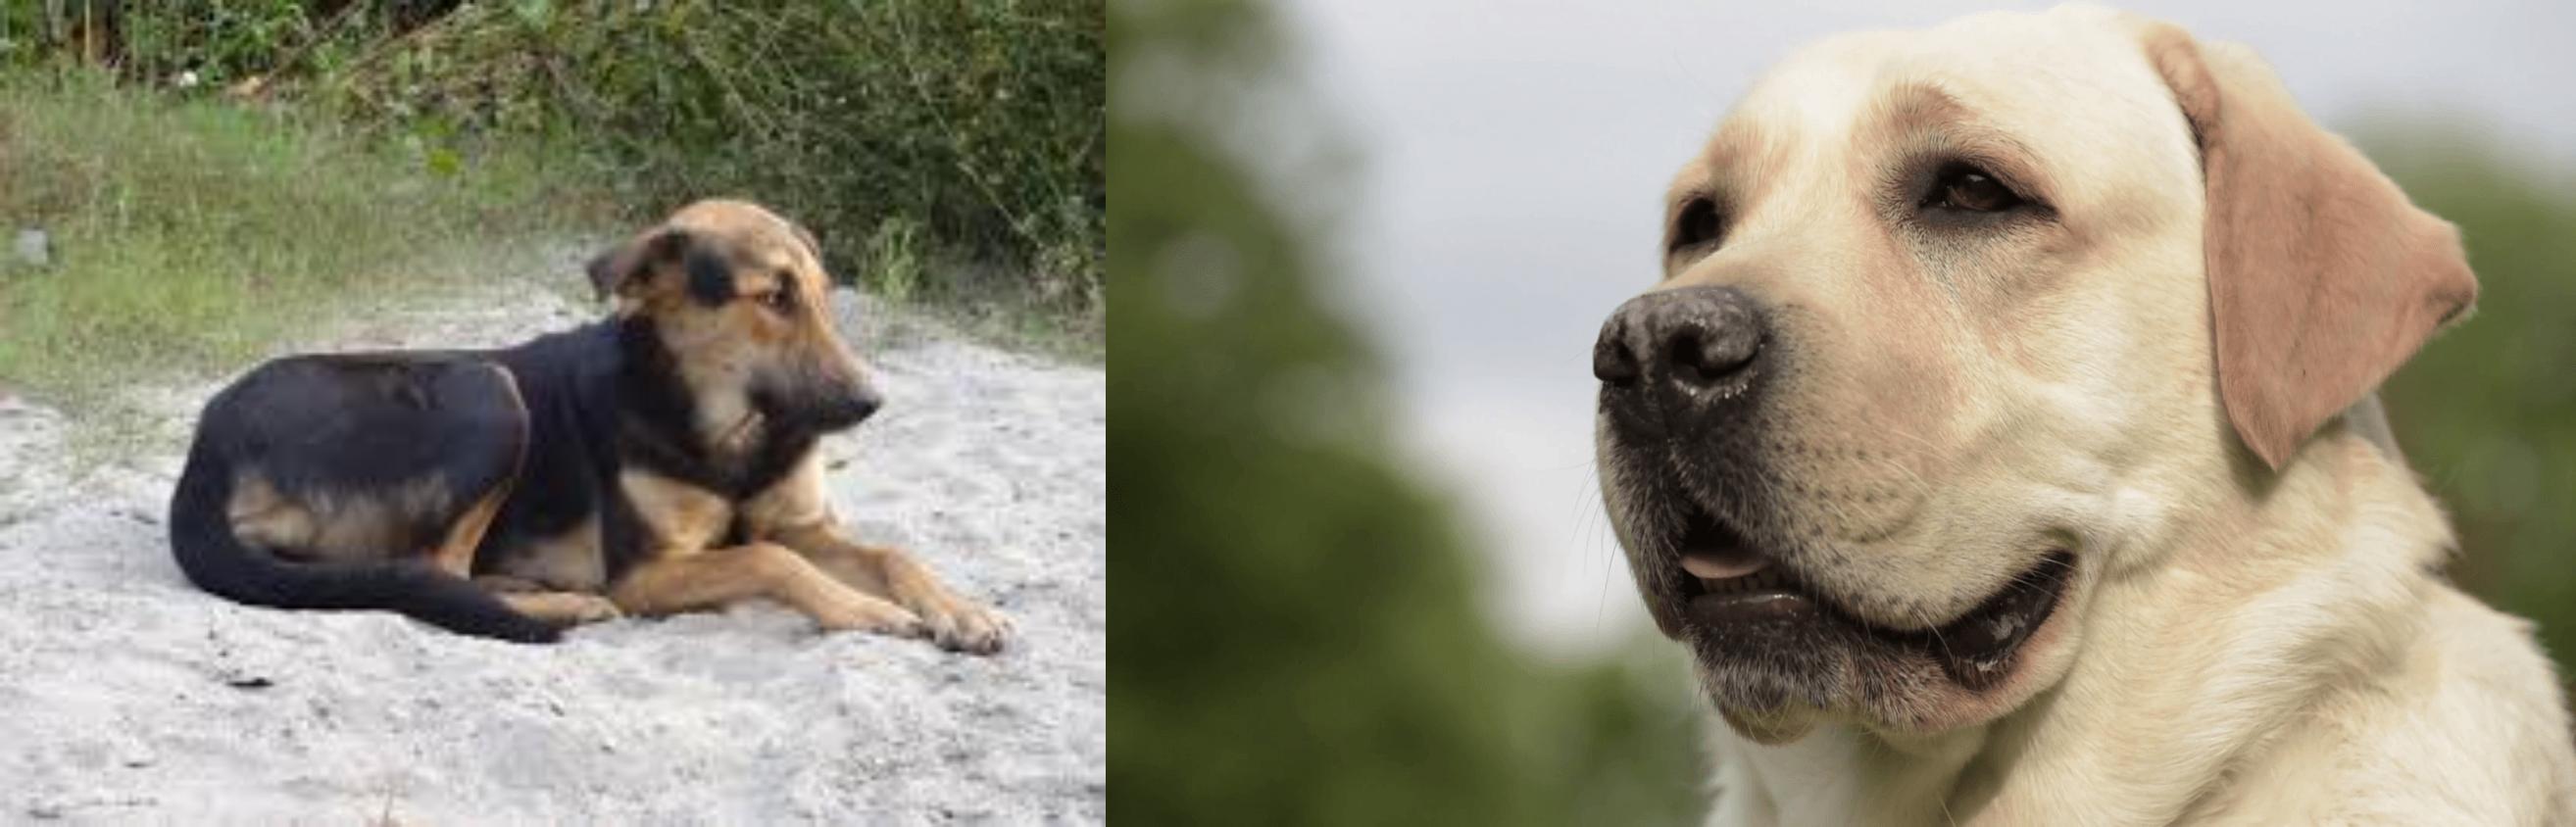 Indian Pariah Dog Vs Labrador Retriever Breed Comparison